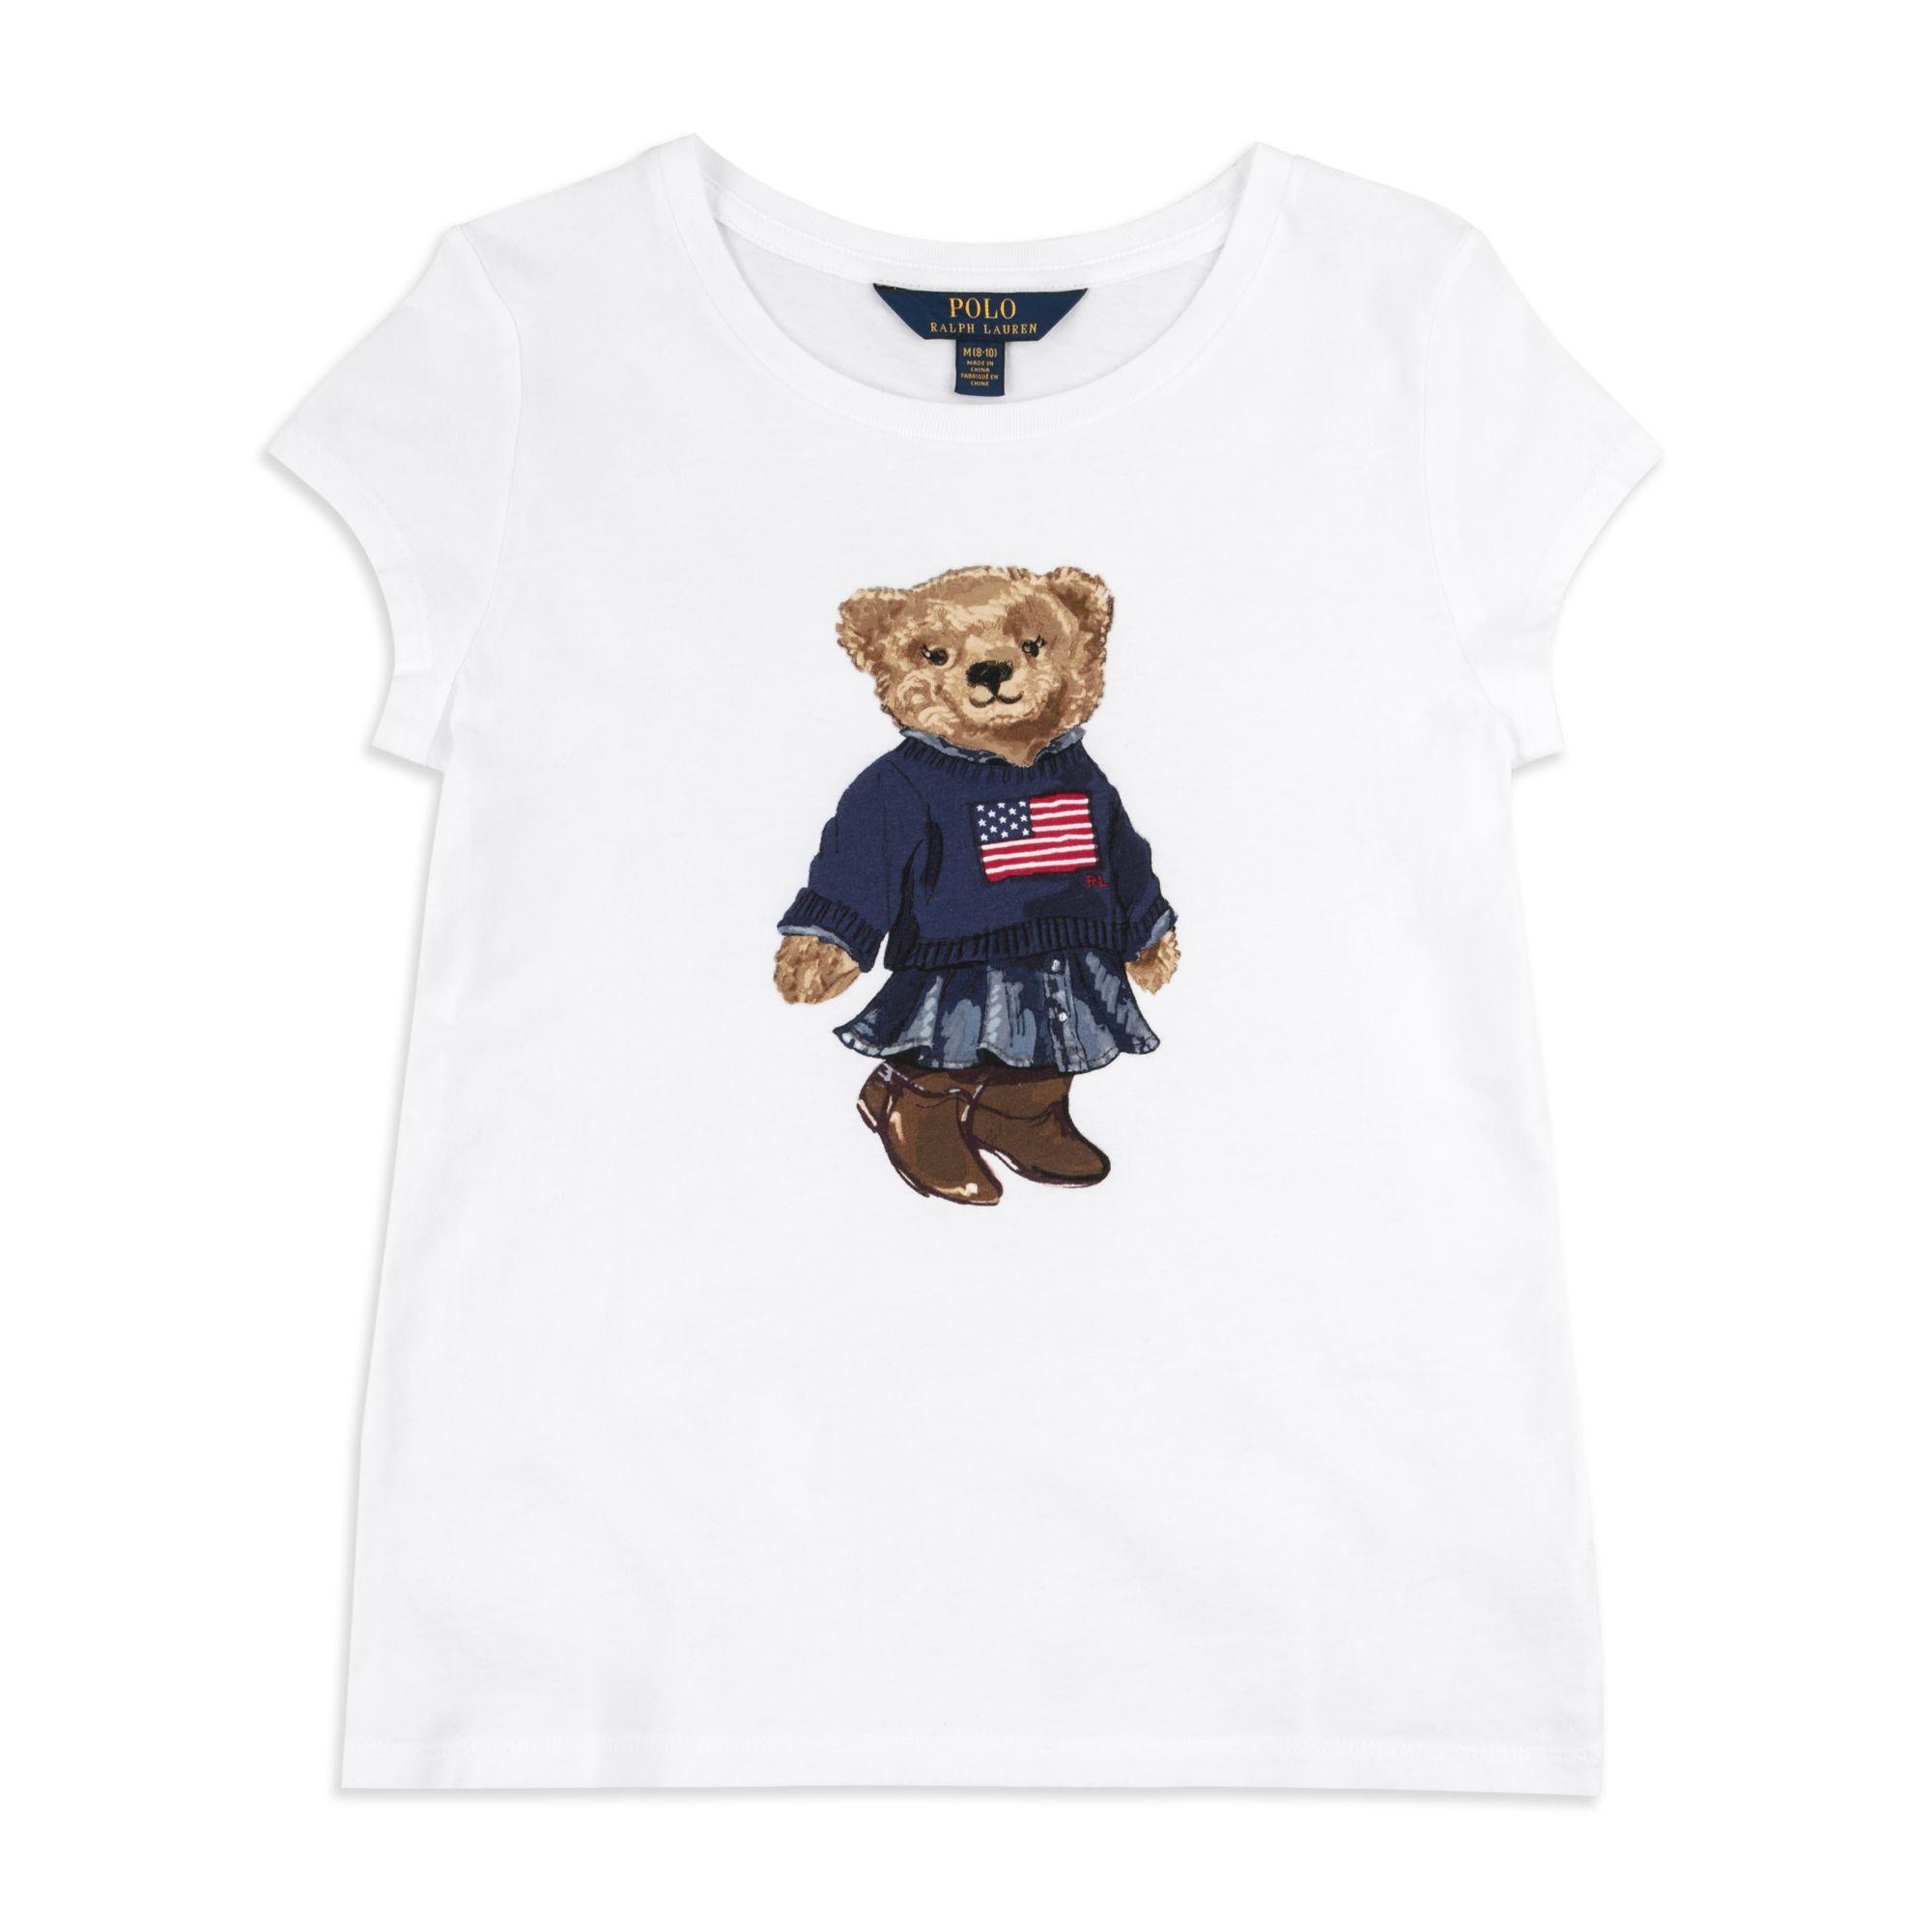 00a8af3f9006e RALPH LAUREN Girls Polo Bear T-Shirt - White Ralph Lauren boys bear print t